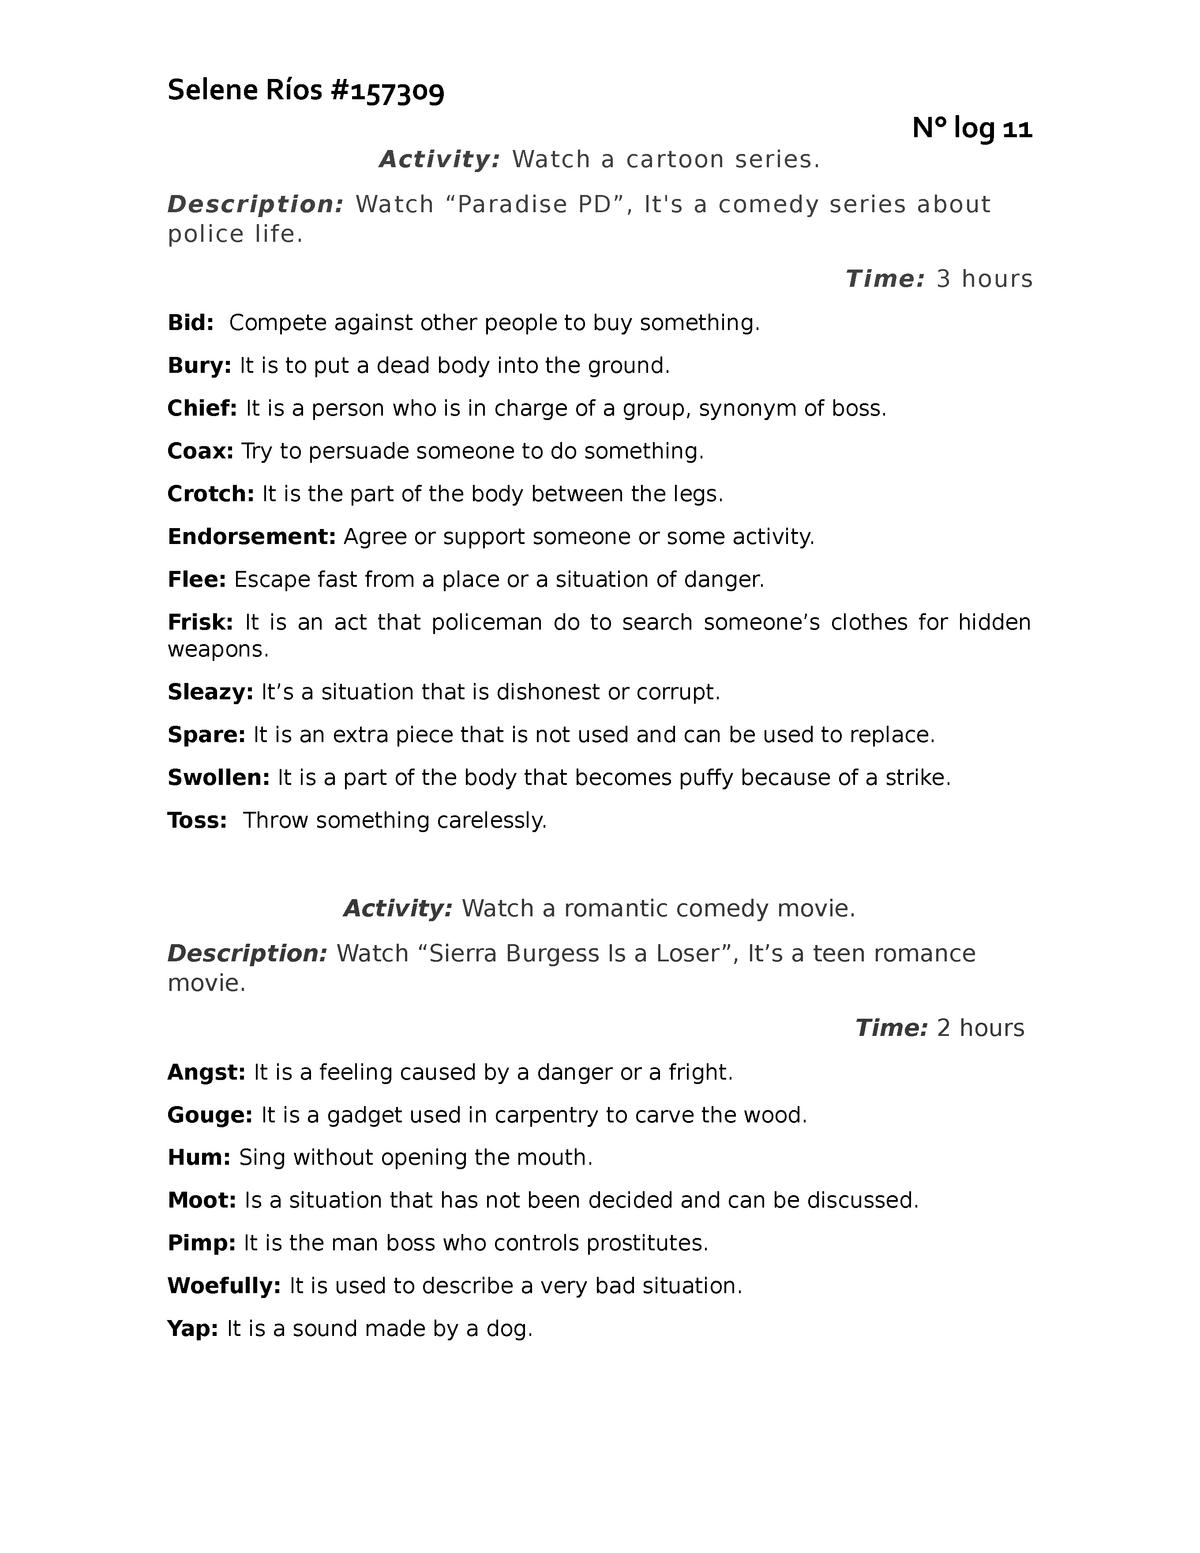 Log 11 - Palabras complejas descritas explicita mente con excelente